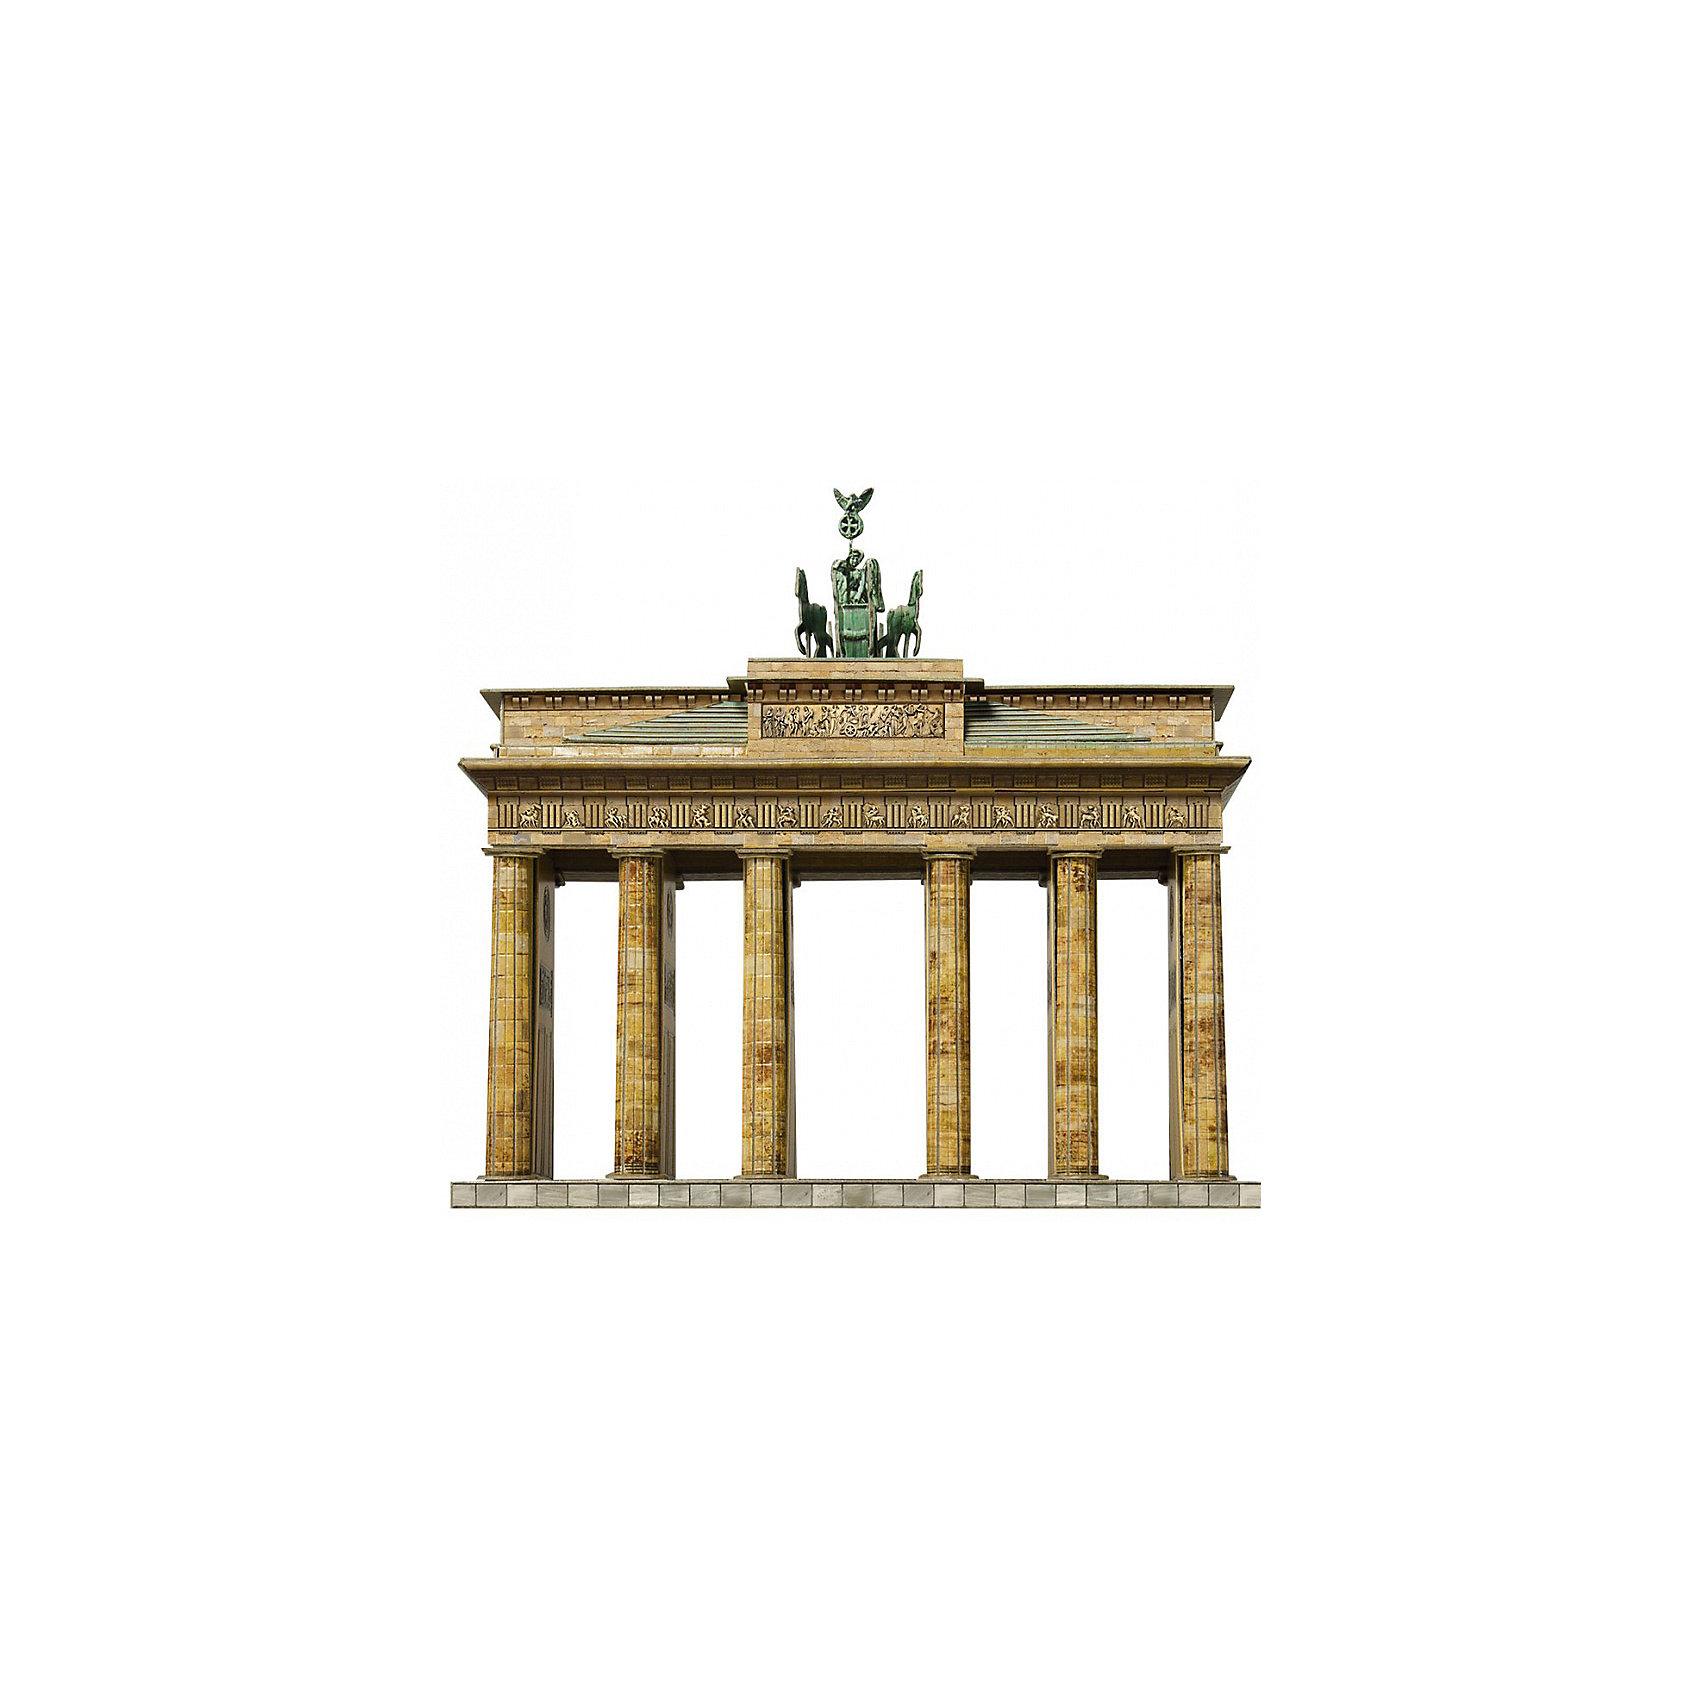 Сборная модель Брандербургские ВоротаБранденбургские Ворота - Сборная модель из картона. Серия: Масштабные модели. Количество деталей, шт: 76. Размер в собранном виде, см: 19 x 7,5 x 15,5. Размер упаковки, мм.:  высота 310 ширина 220 глубина 22. Тип упаковки: Картонная коробка. Вес, гр.: 262. Возраст: от 9 лет. Все модели и игрушки, созданные по технологии УМНАЯ БУМАГА собираются без ножниц и клея, что является их неповторимой особенностью.<br>Принцип соединения деталей запатентован. Соединения деталей продуманы и просчитаны с такой точностью, что при правильной сборке с моделью можно играть, как с обычной игрушкой.<br><br>Ширина мм: 220<br>Глубина мм: 22<br>Высота мм: 310<br>Вес г: 262<br>Возраст от месяцев: 84<br>Возраст до месяцев: 2147483647<br>Пол: Унисекс<br>Возраст: Детский<br>SKU: 4807488